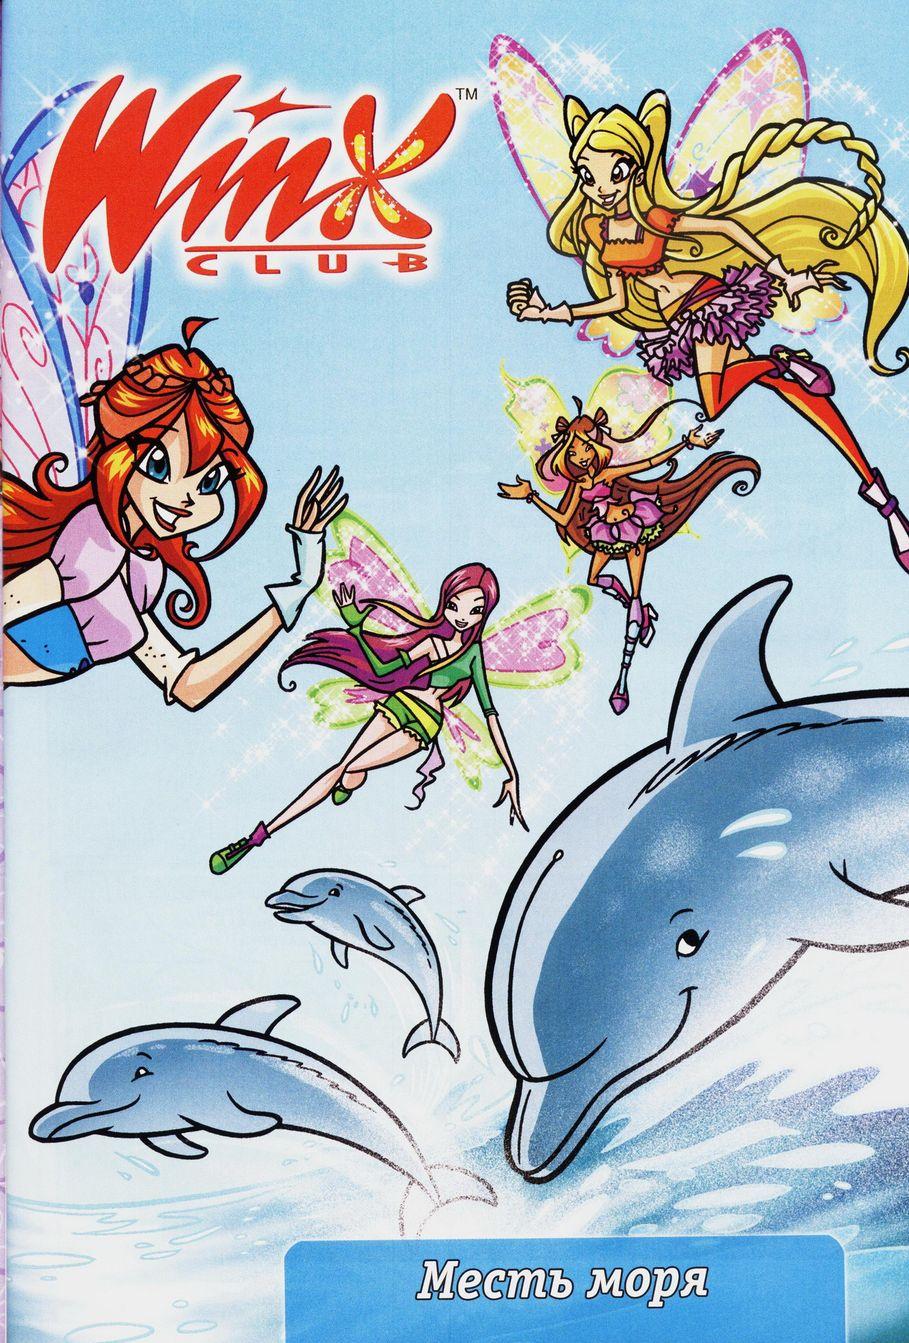 Комикс Винкс Winx - Месть моря (Журнал Винкс №4 2011) - стр. 15